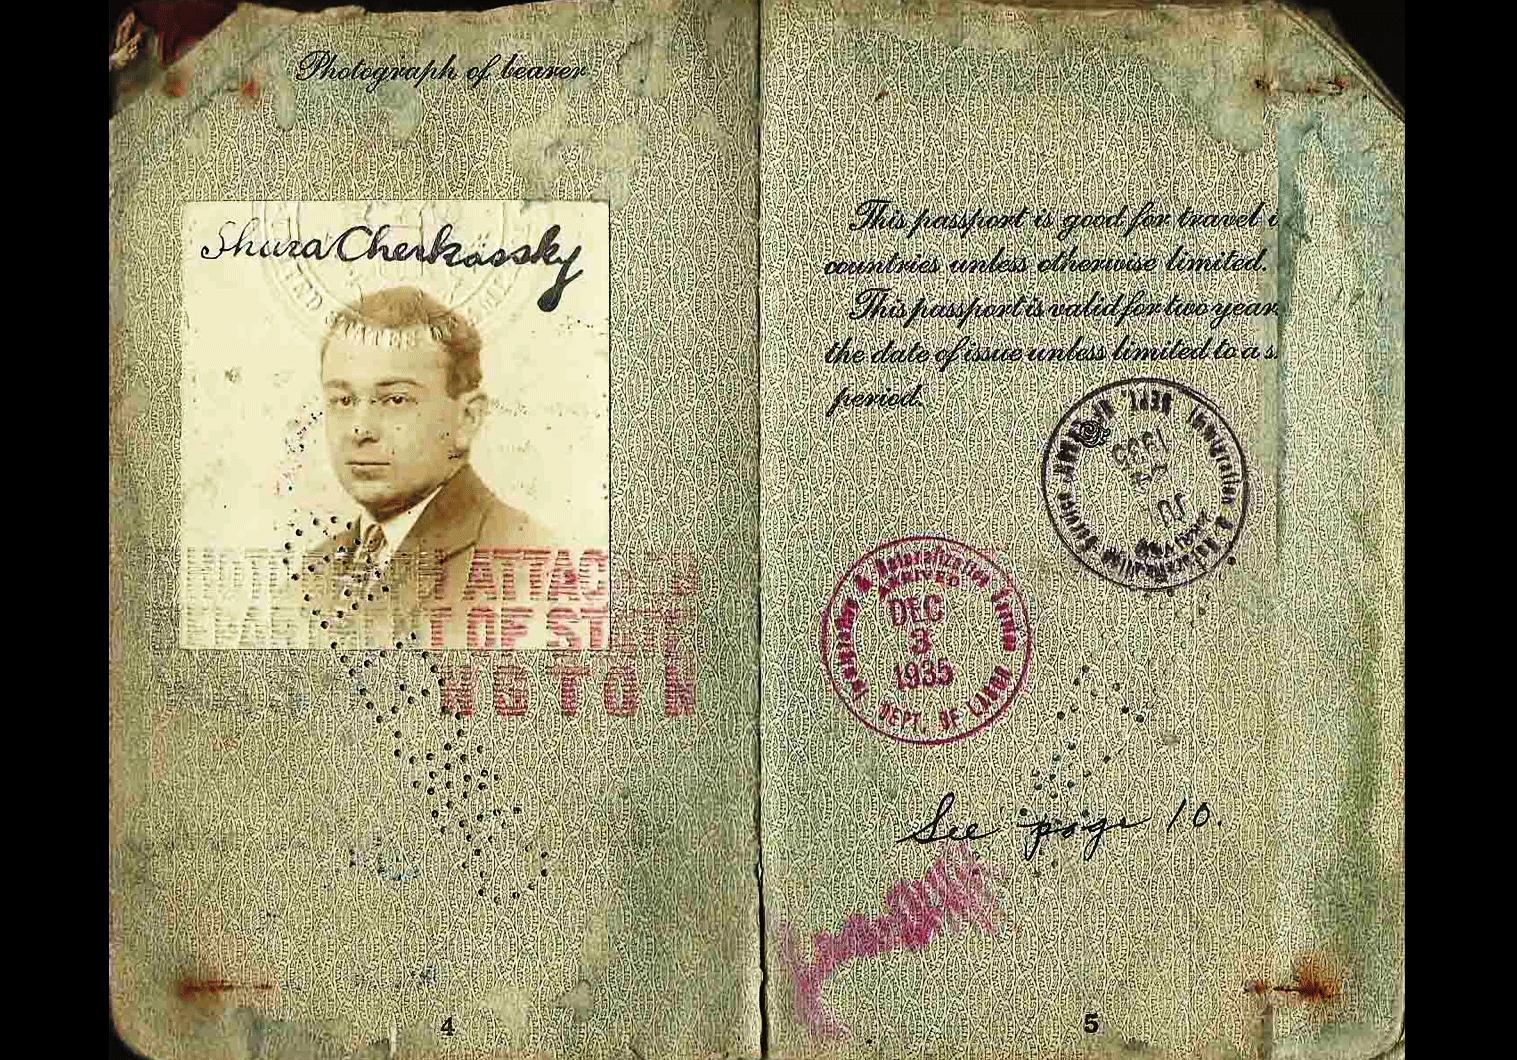 Shura Cherkassky passport.